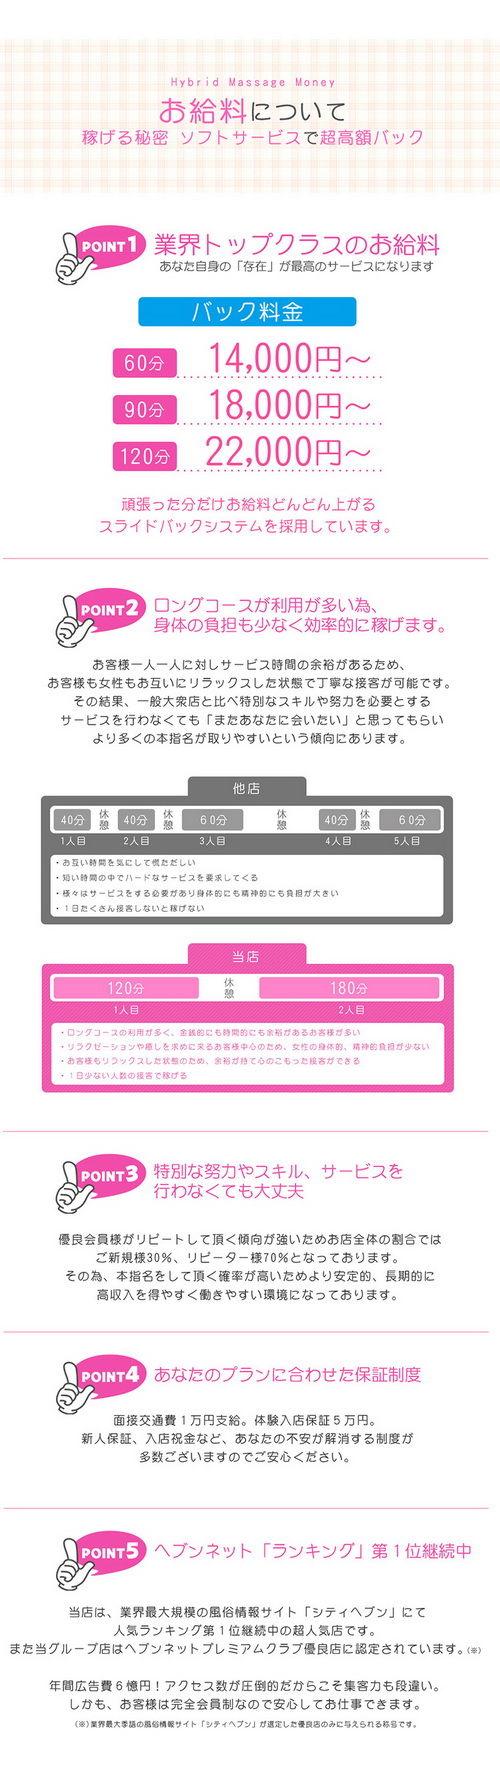 ■006_池袋HM_稼げる秘密&リアル給与明細